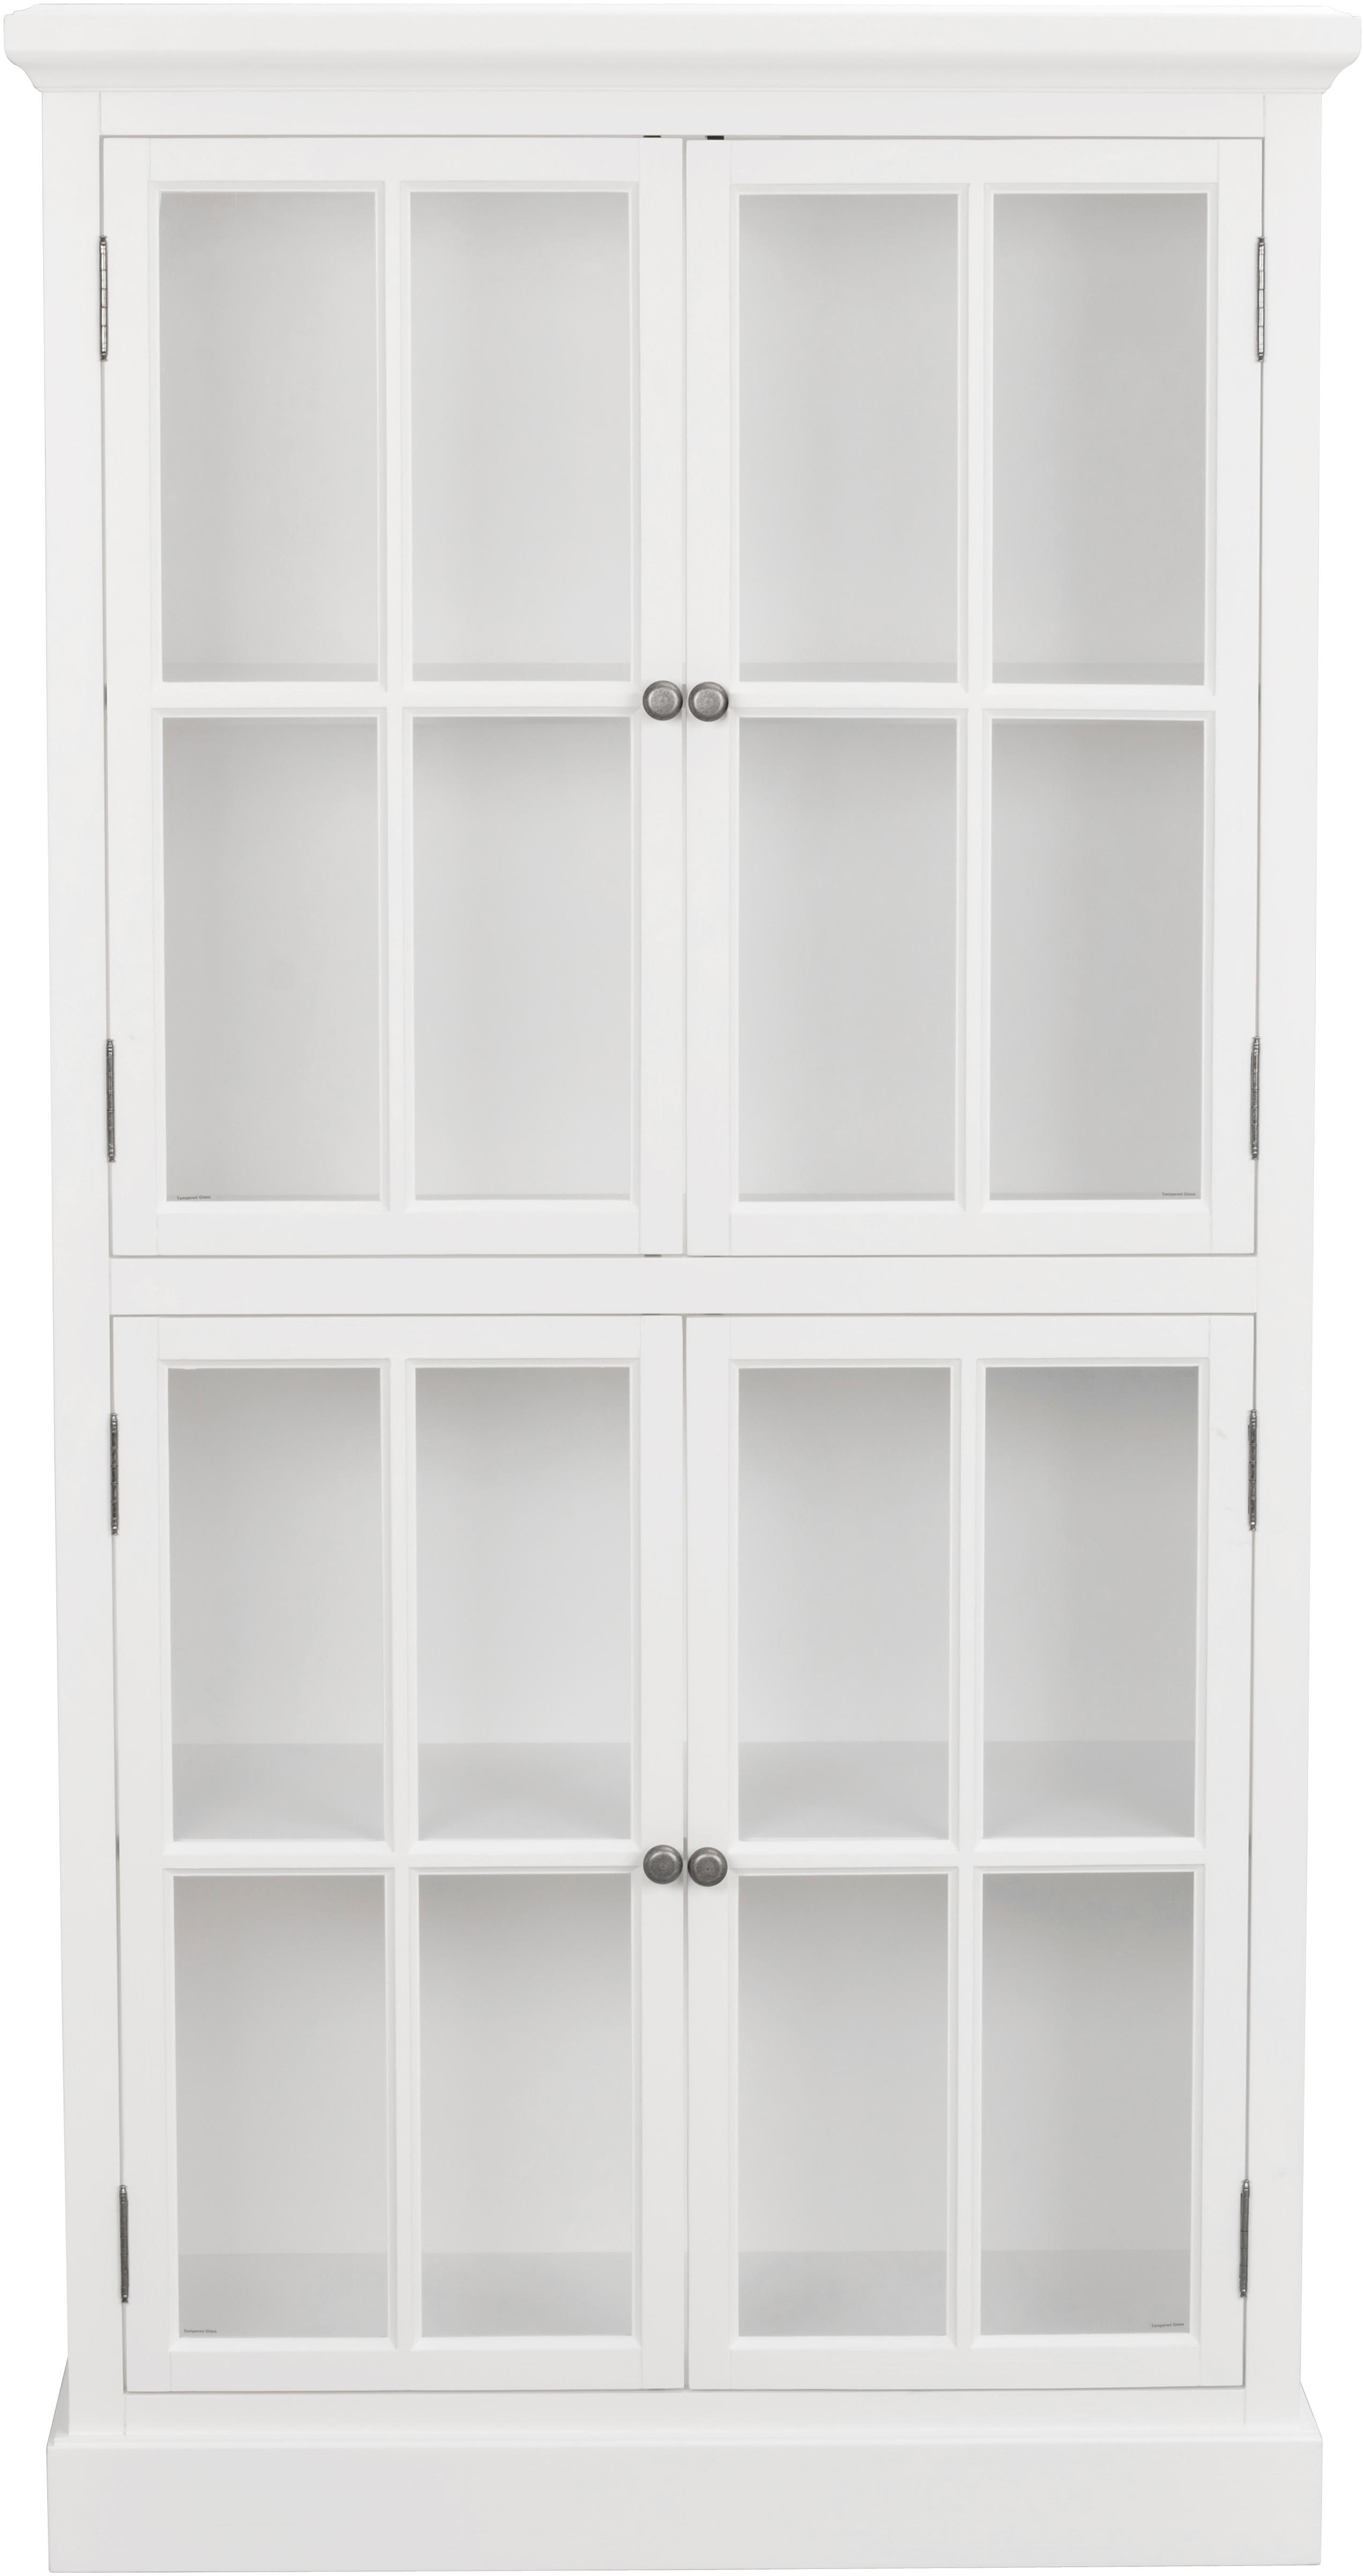 Skleněná vitrína Lorient, Bílá